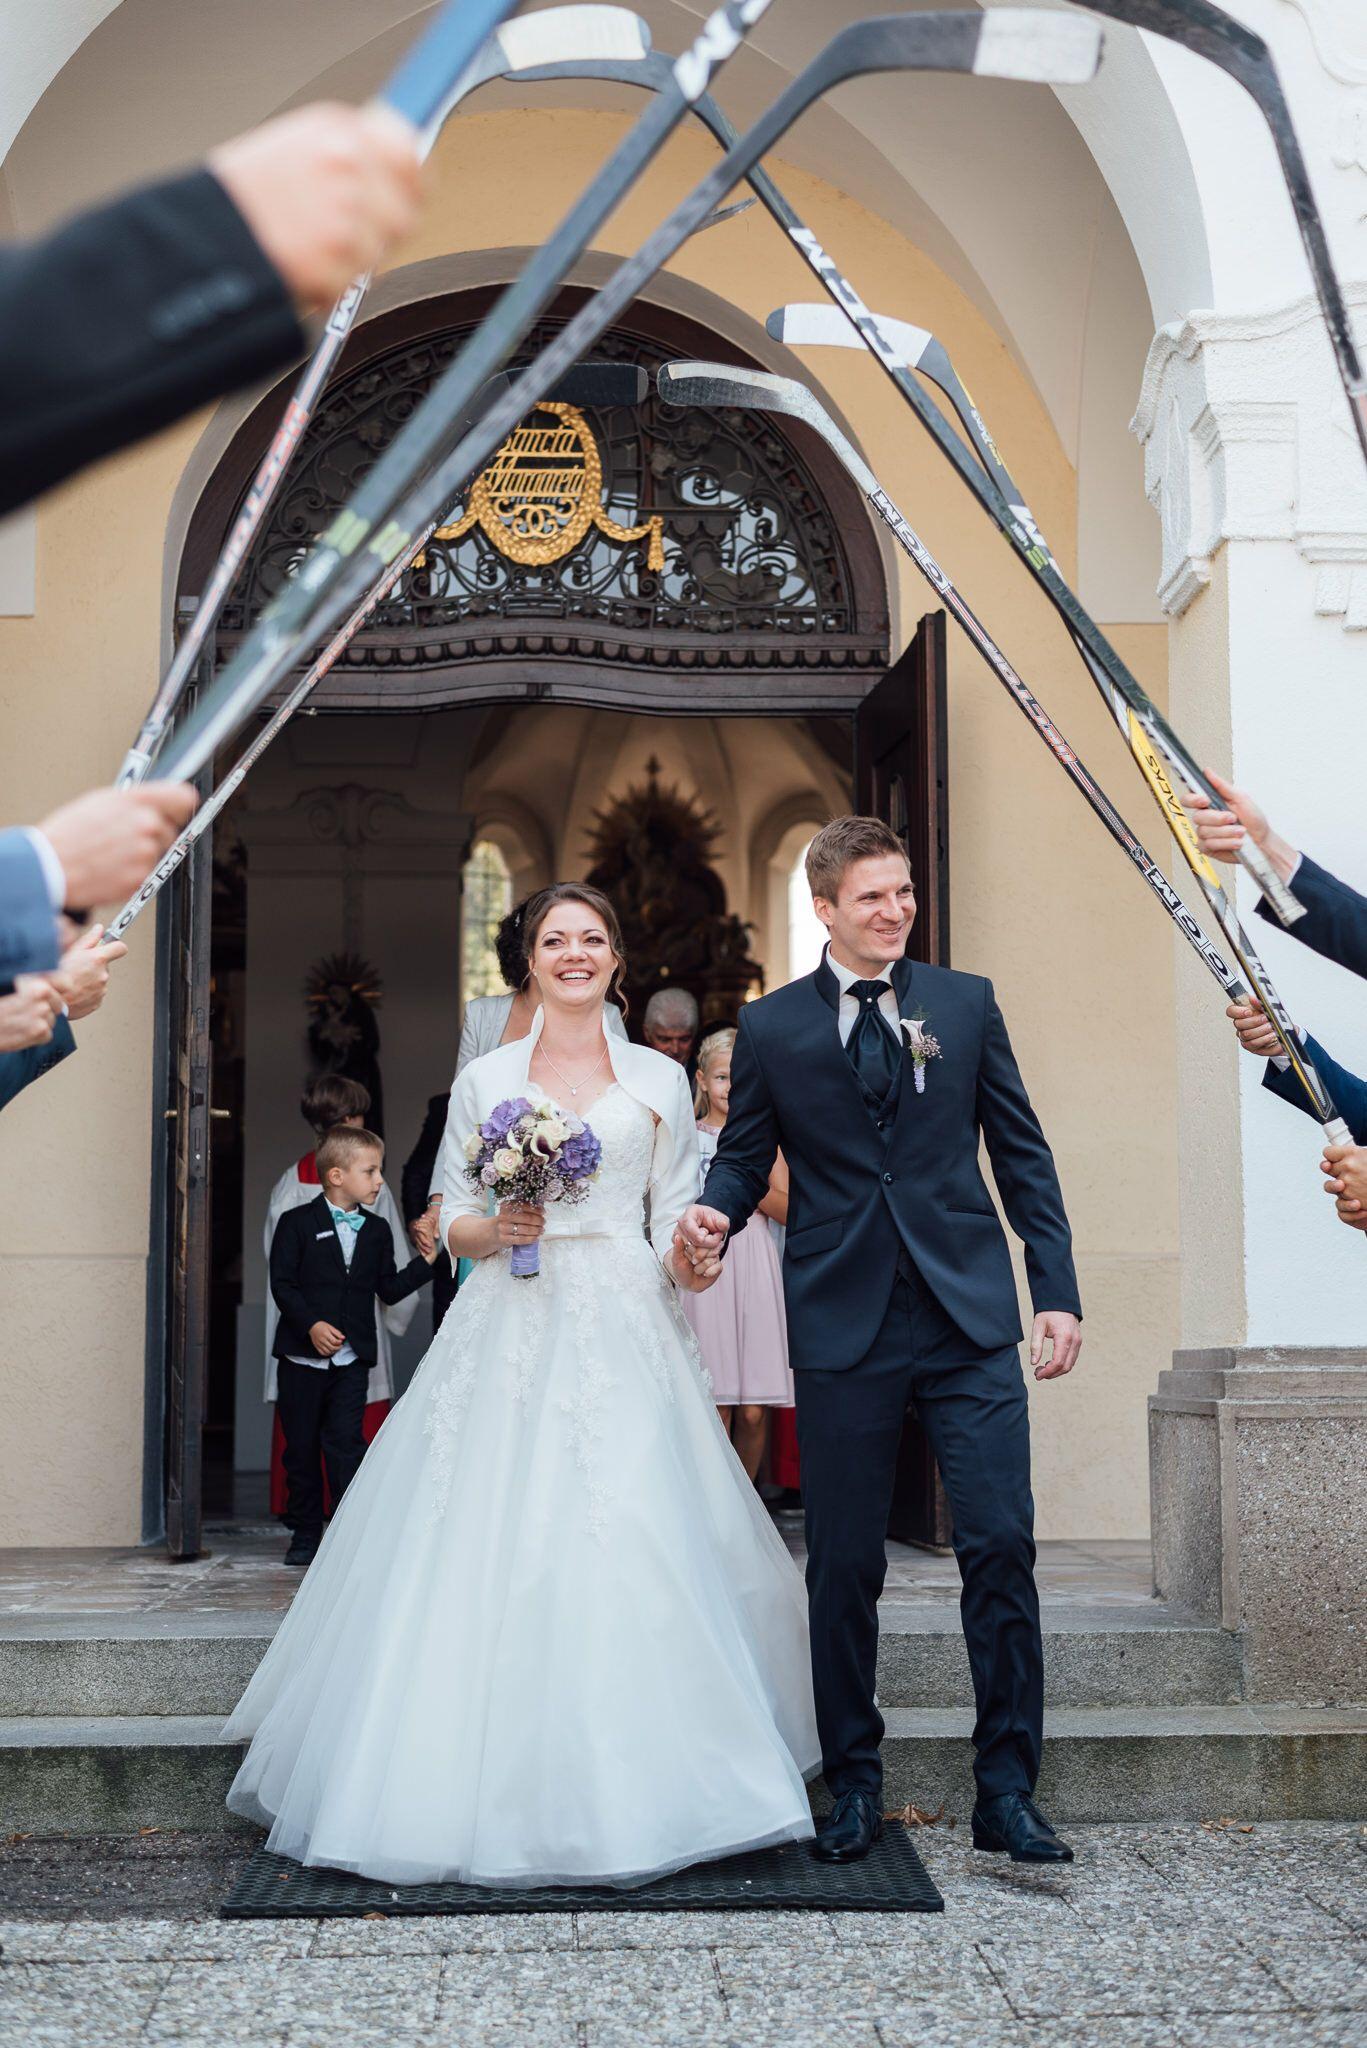 Eishockey Hochzeit Spalier Bei Hochzeit Hochzeit Spalier Hochzeitsfotograf Hochzeit Berlin Spalier Hochzeit